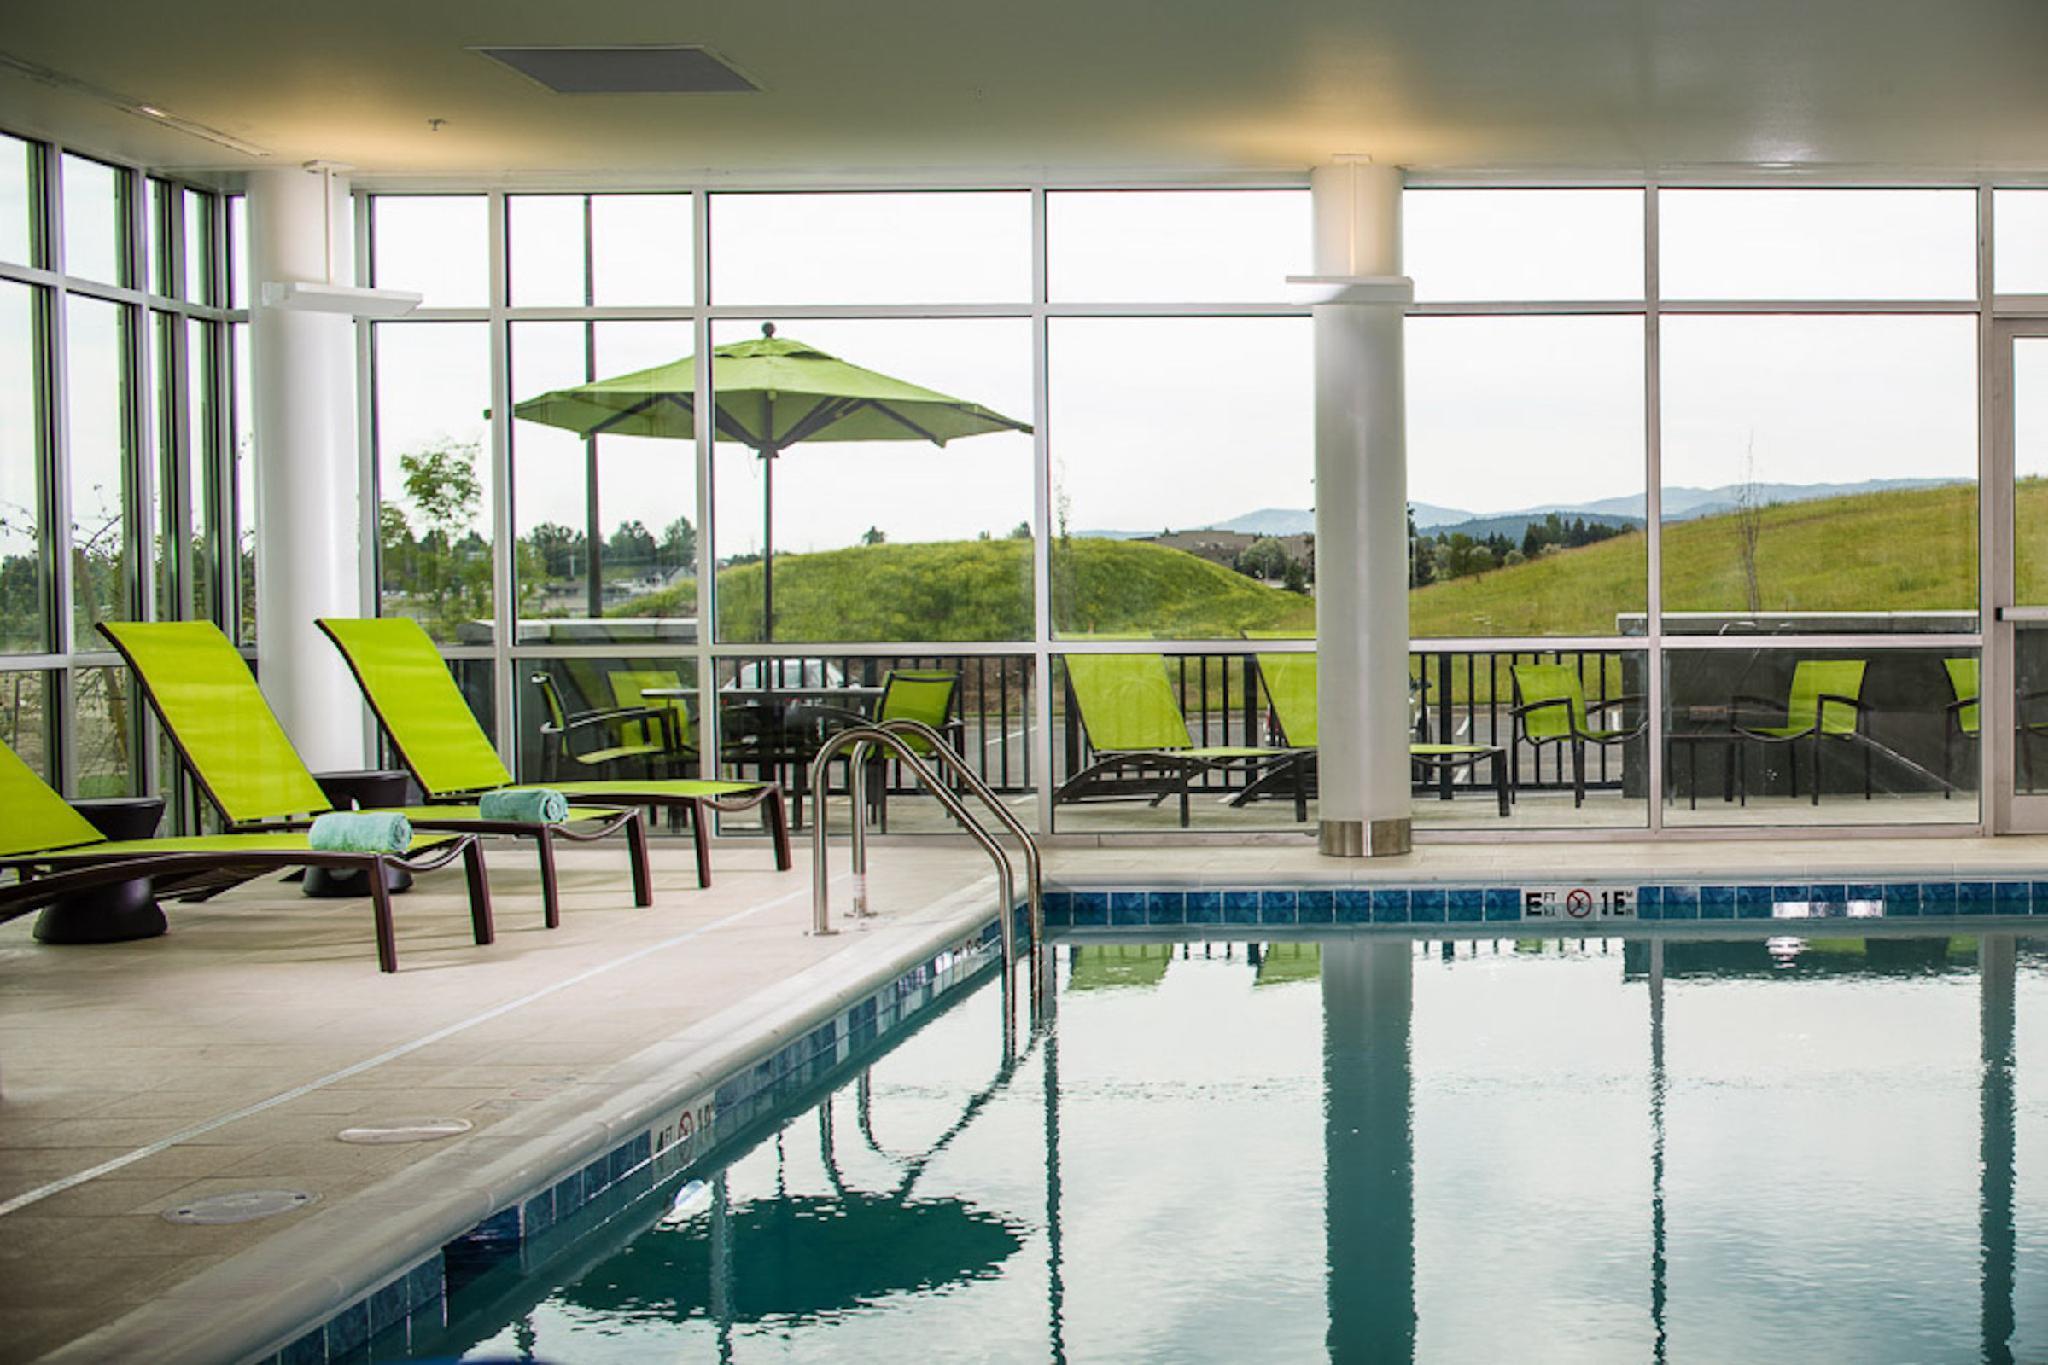 SpringHill Suites Kalispell, Flathead